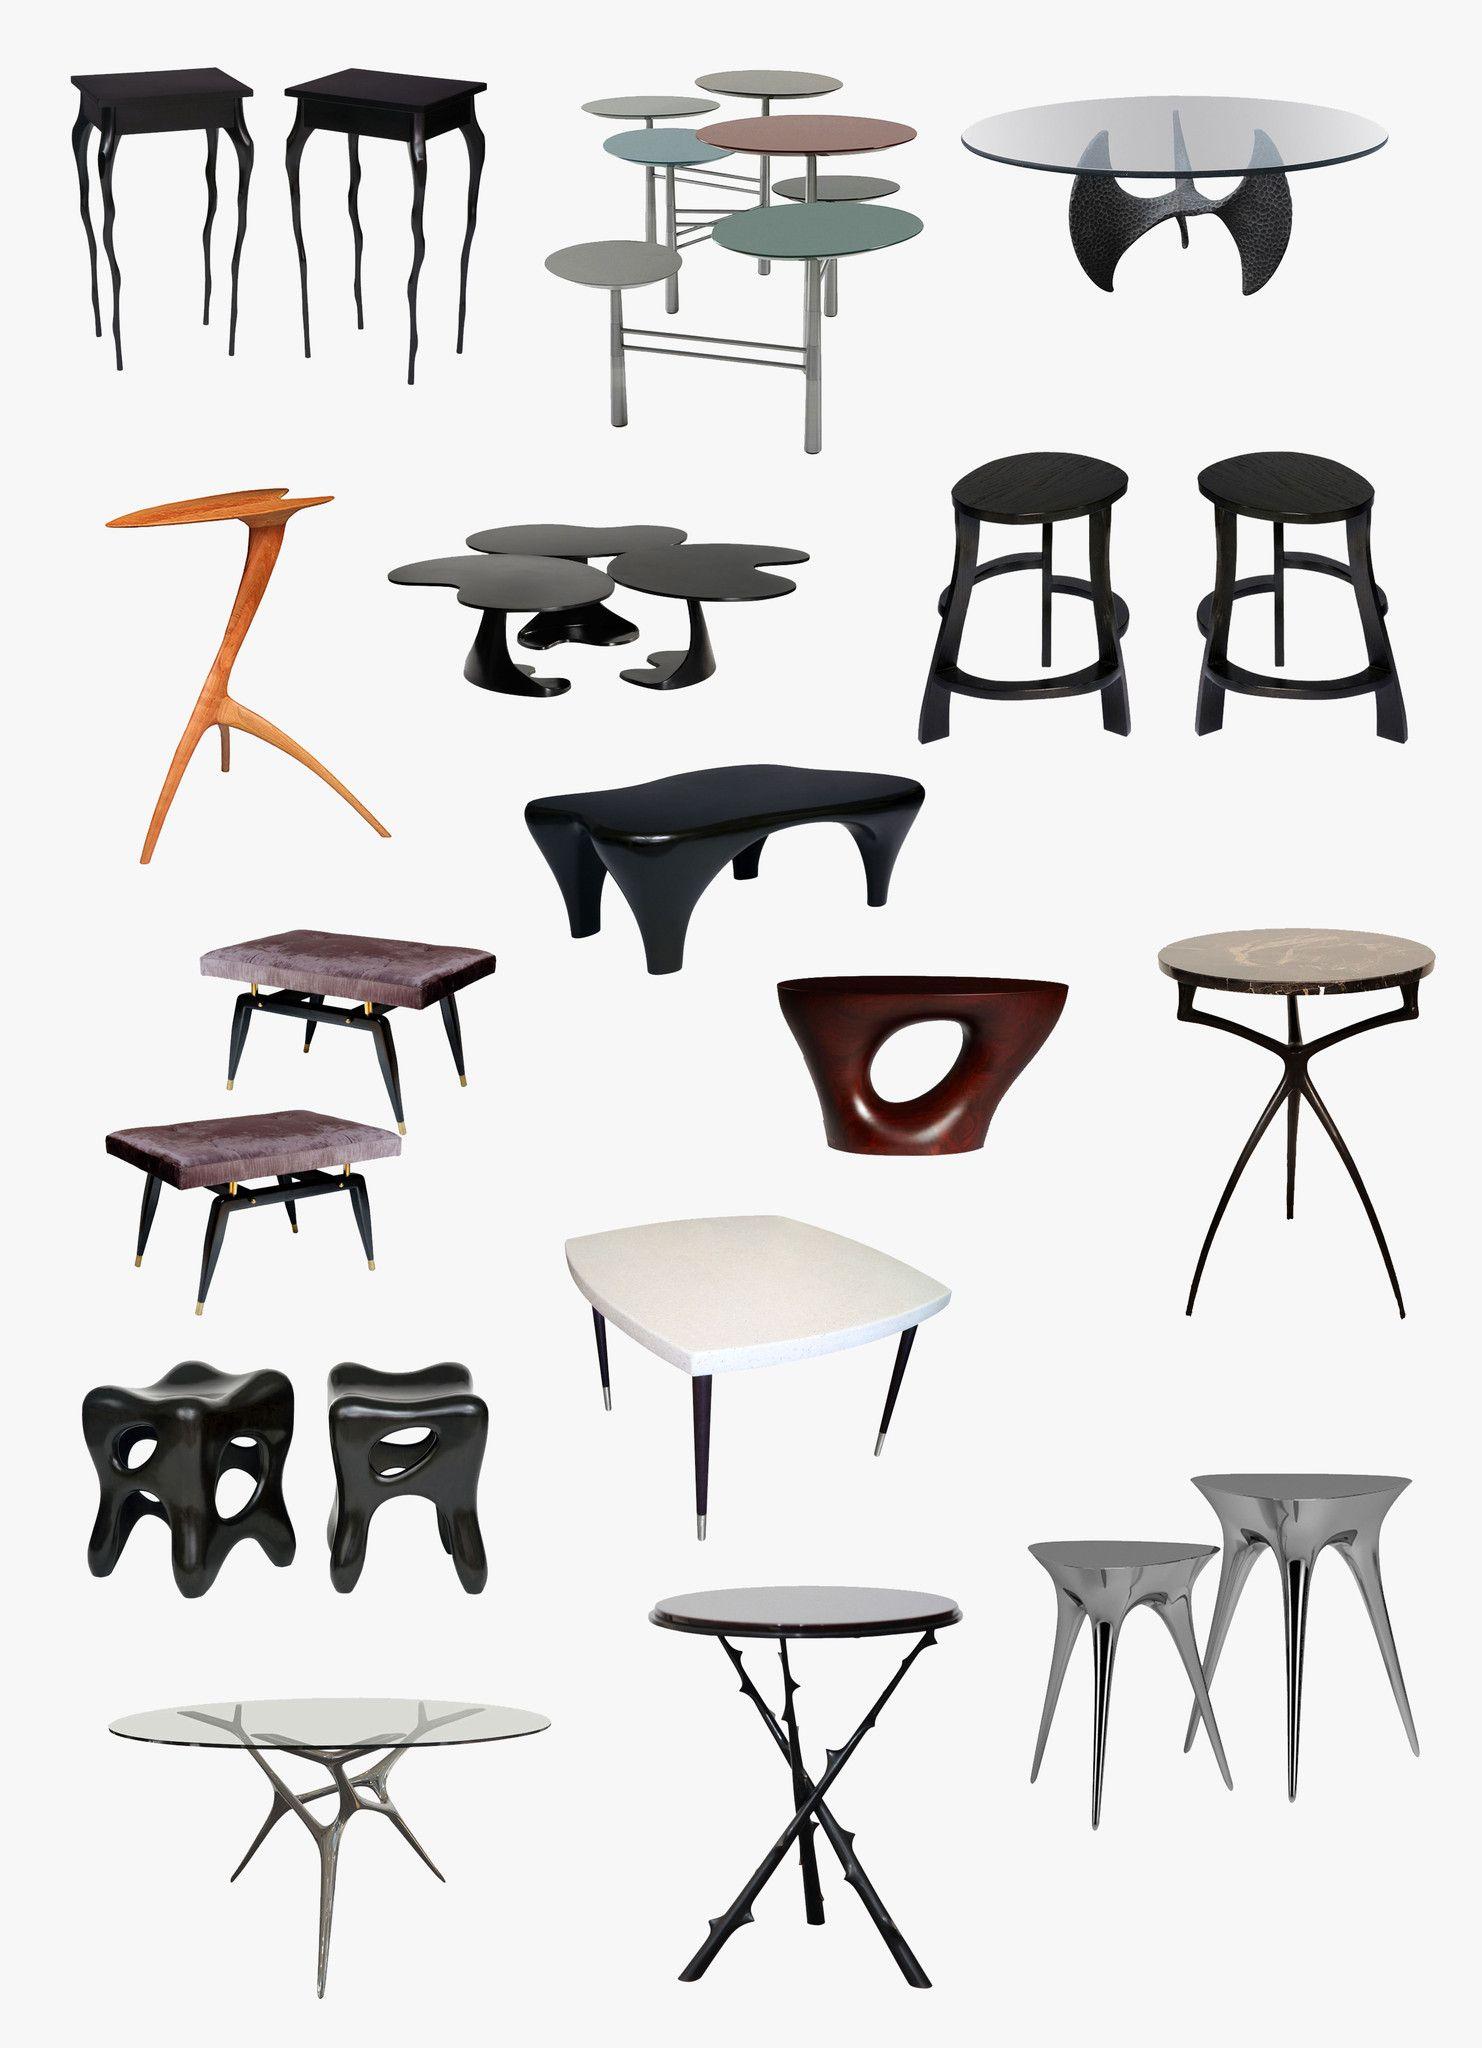 Photoshop Psd Sofa And Chair Blocks V4 Interiores Design De Interiores Decoracao